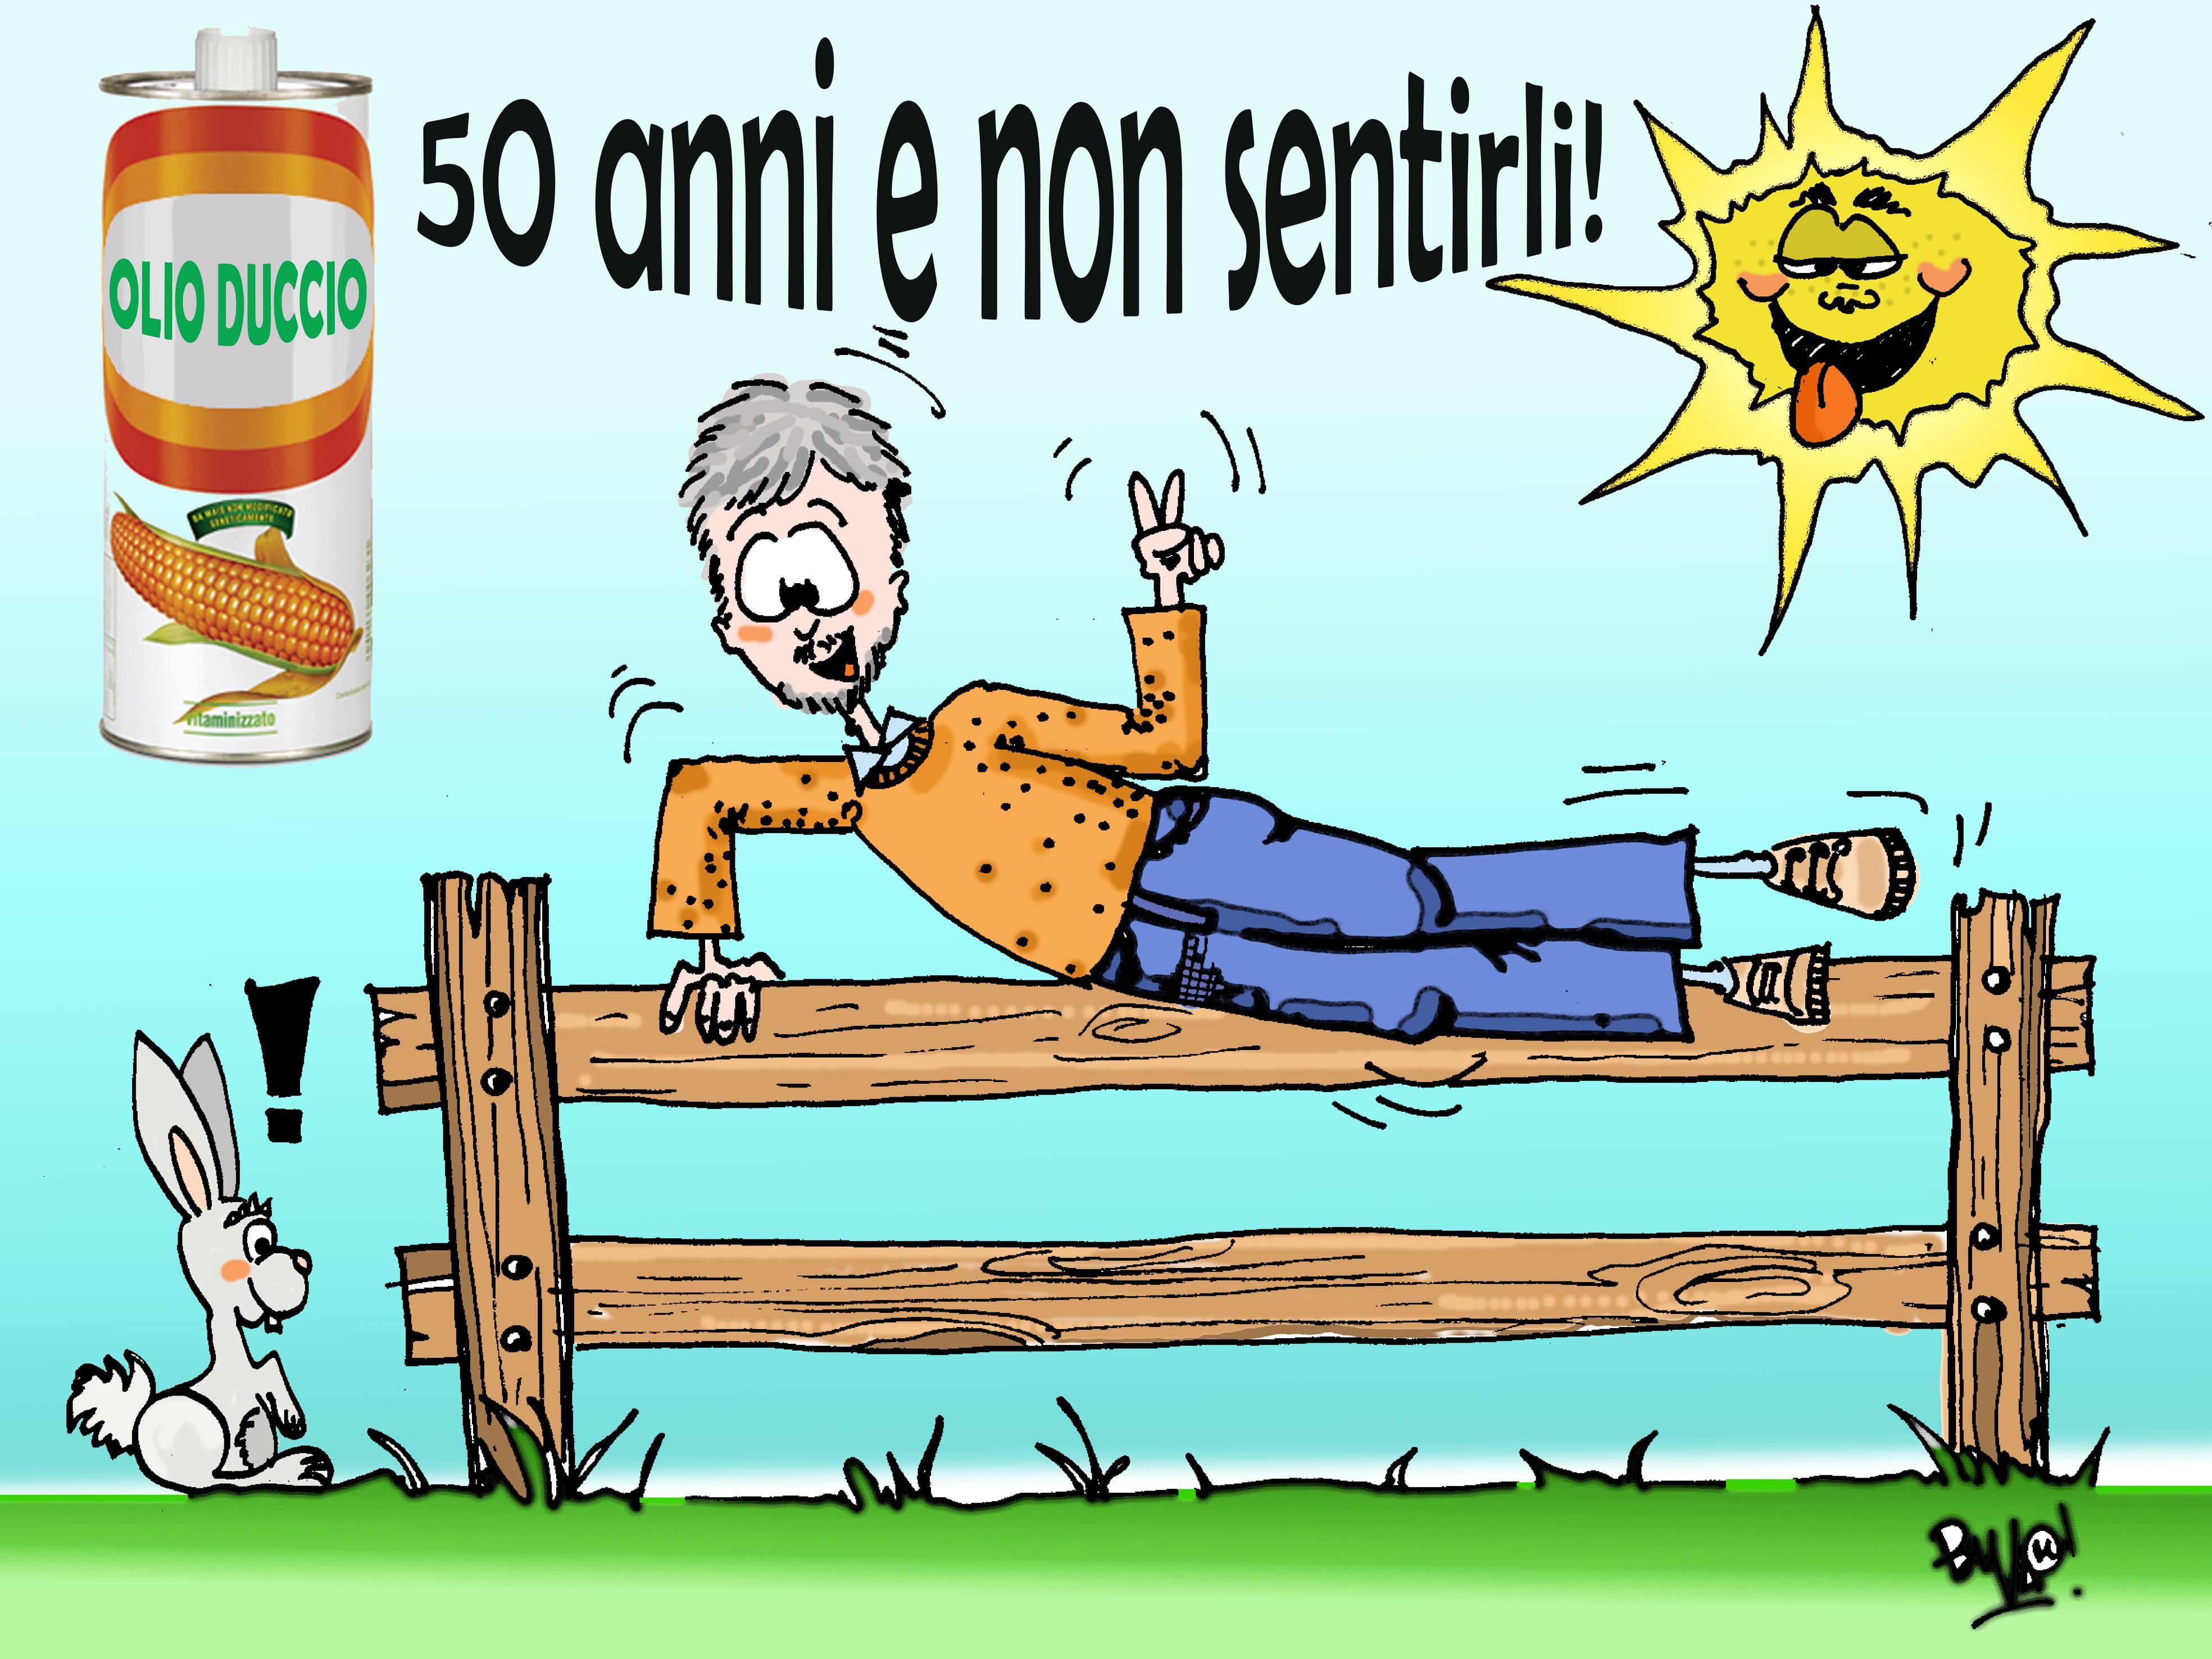 Eccezionale BIGLIETTO PER IL COMPLEANNO DI DUCCIO - 50 ANNI | VALE TI DISEGNA PR89